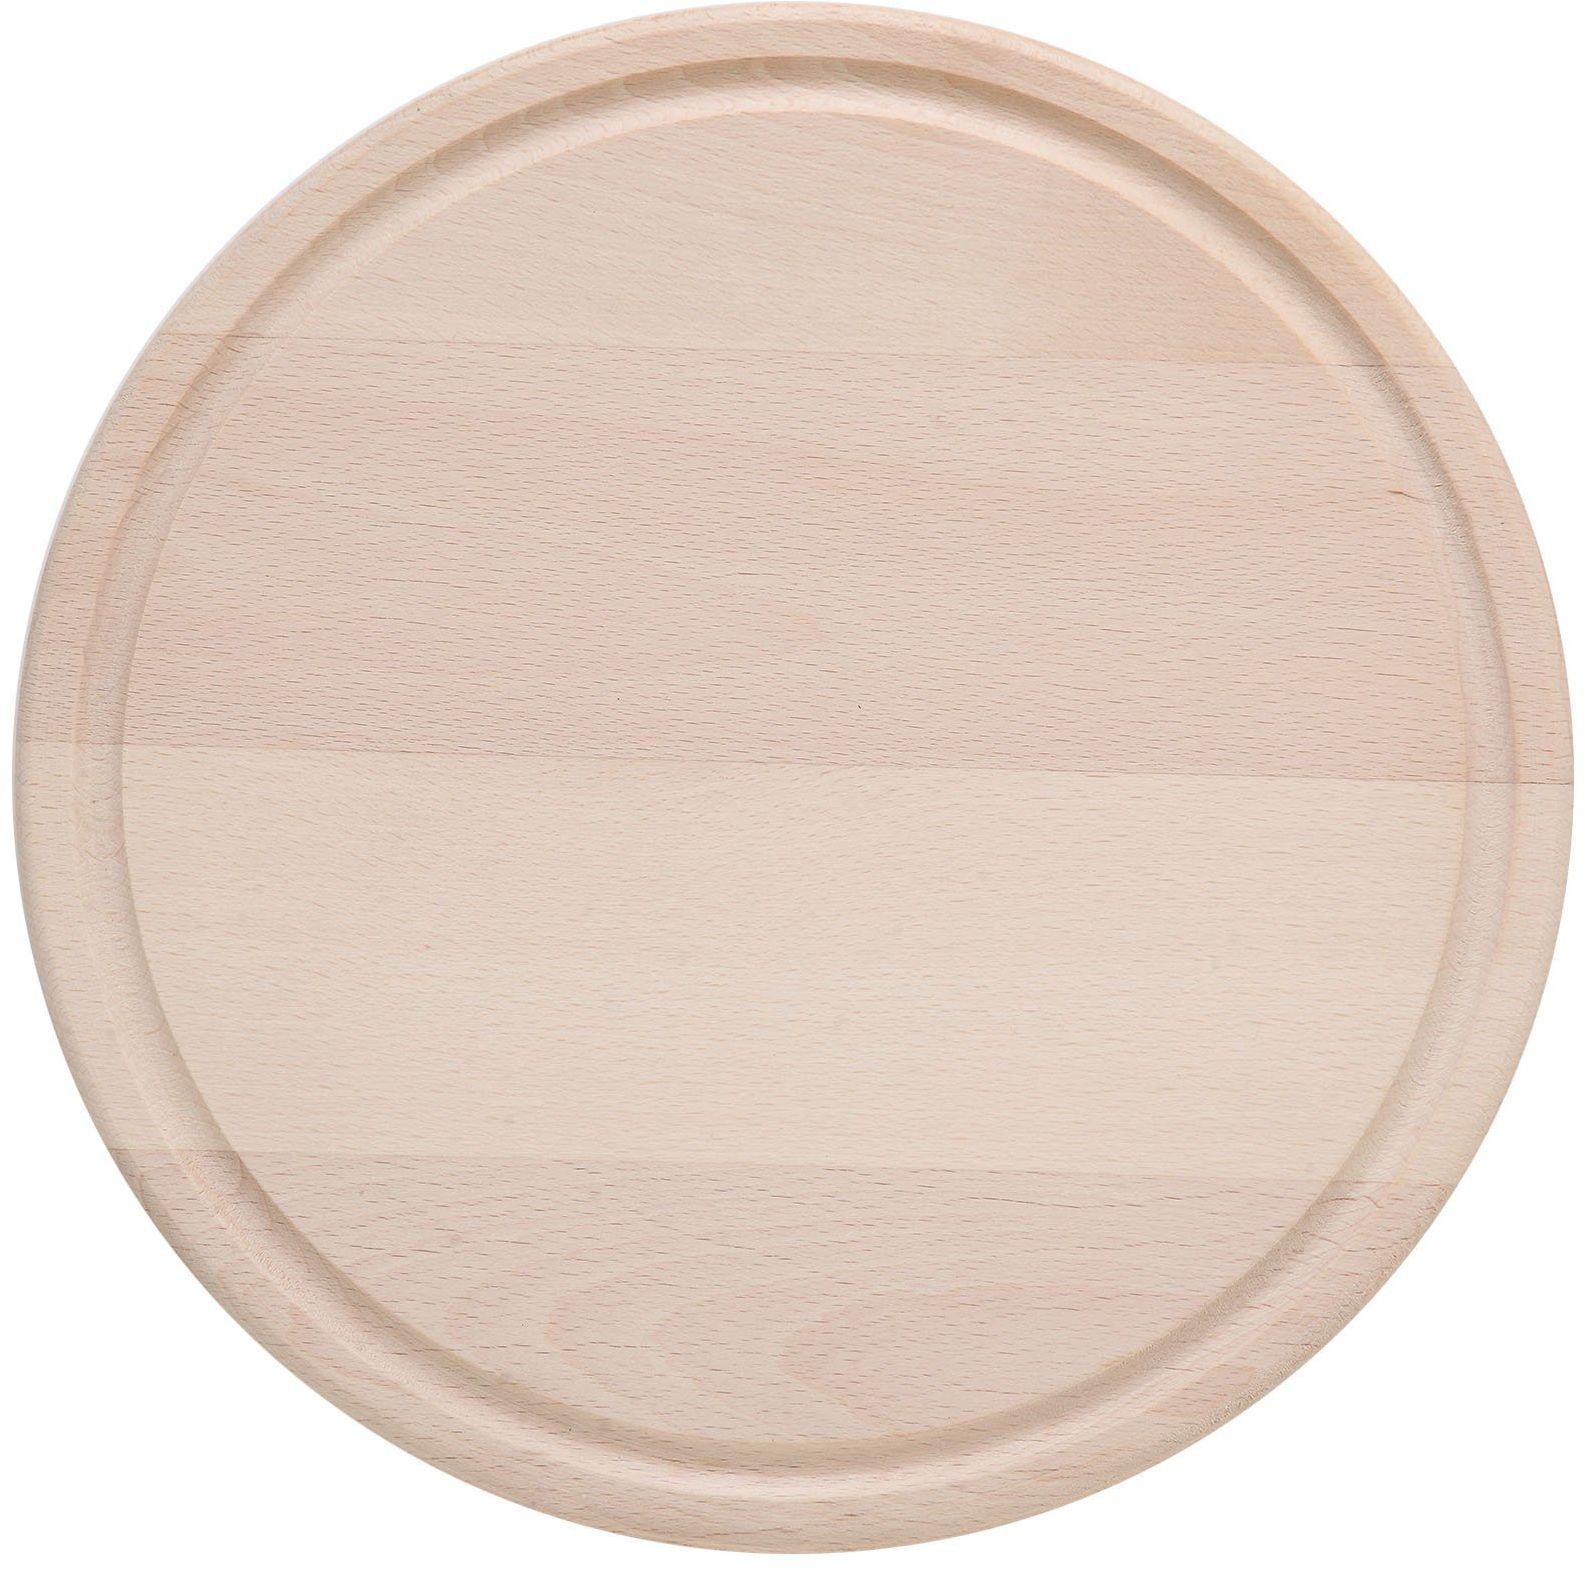 Eliplast 610/1 okrągła deska do krojenia drewna, 24 x 1,5 cm szara